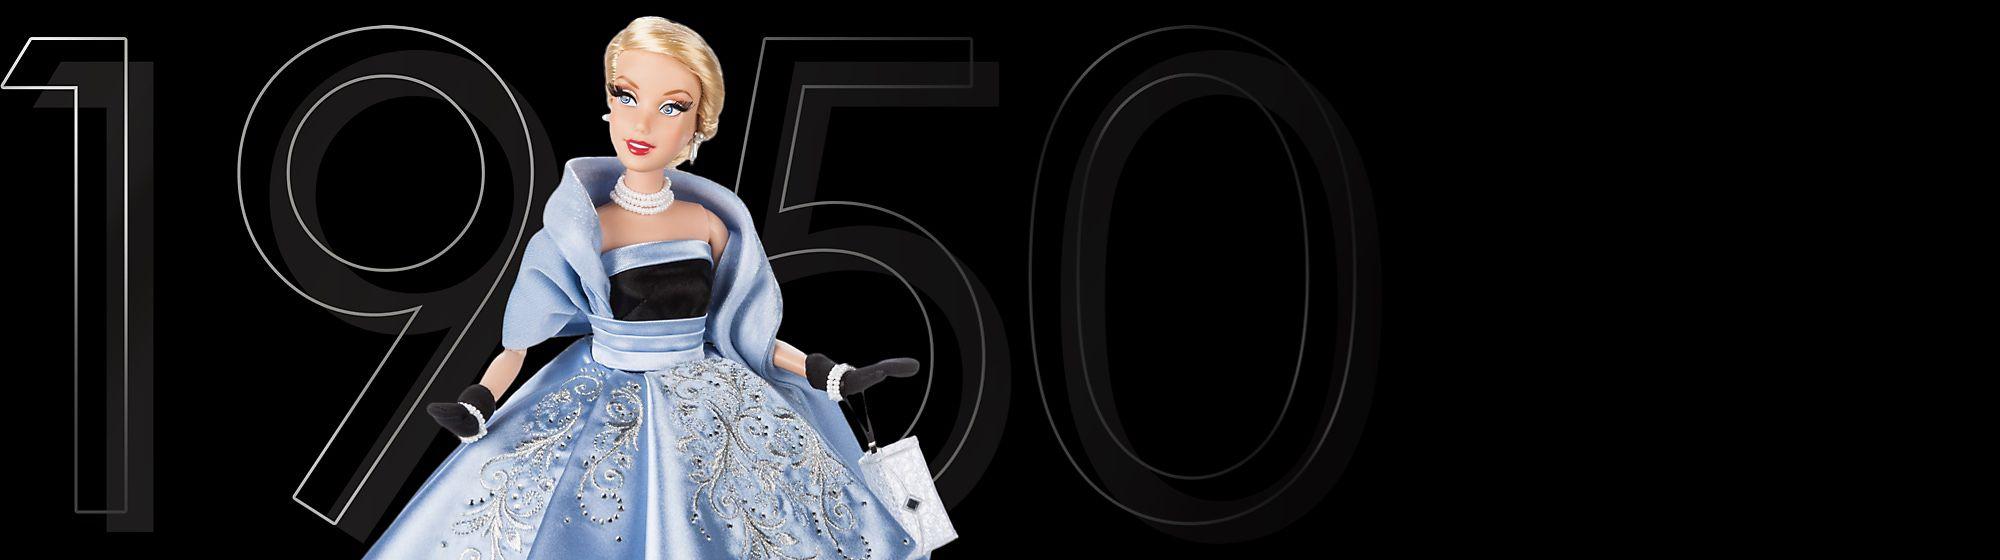 Collection Disney Designer Premiere Series Cendrillon Sortie le 16 octobre | €110 4 400 exemplaires dans le monde  En ligne et dans une sélection de boutiques | Achat limité à 1 exemplaire par foyer